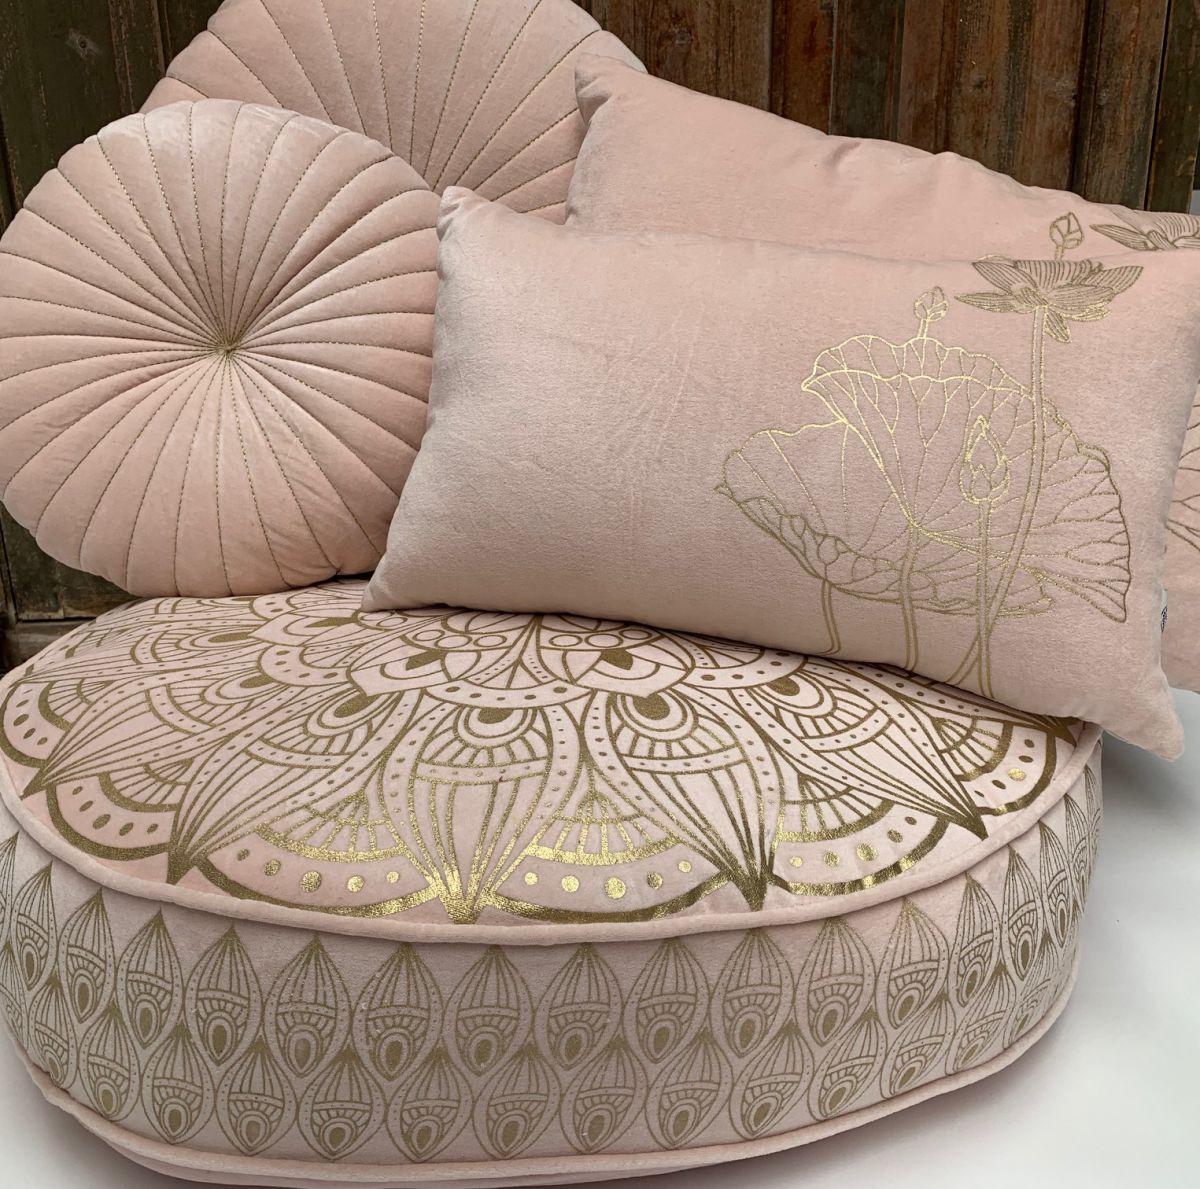 kussen fluweel pastel roze rechthk 50x30cm print lotus goud